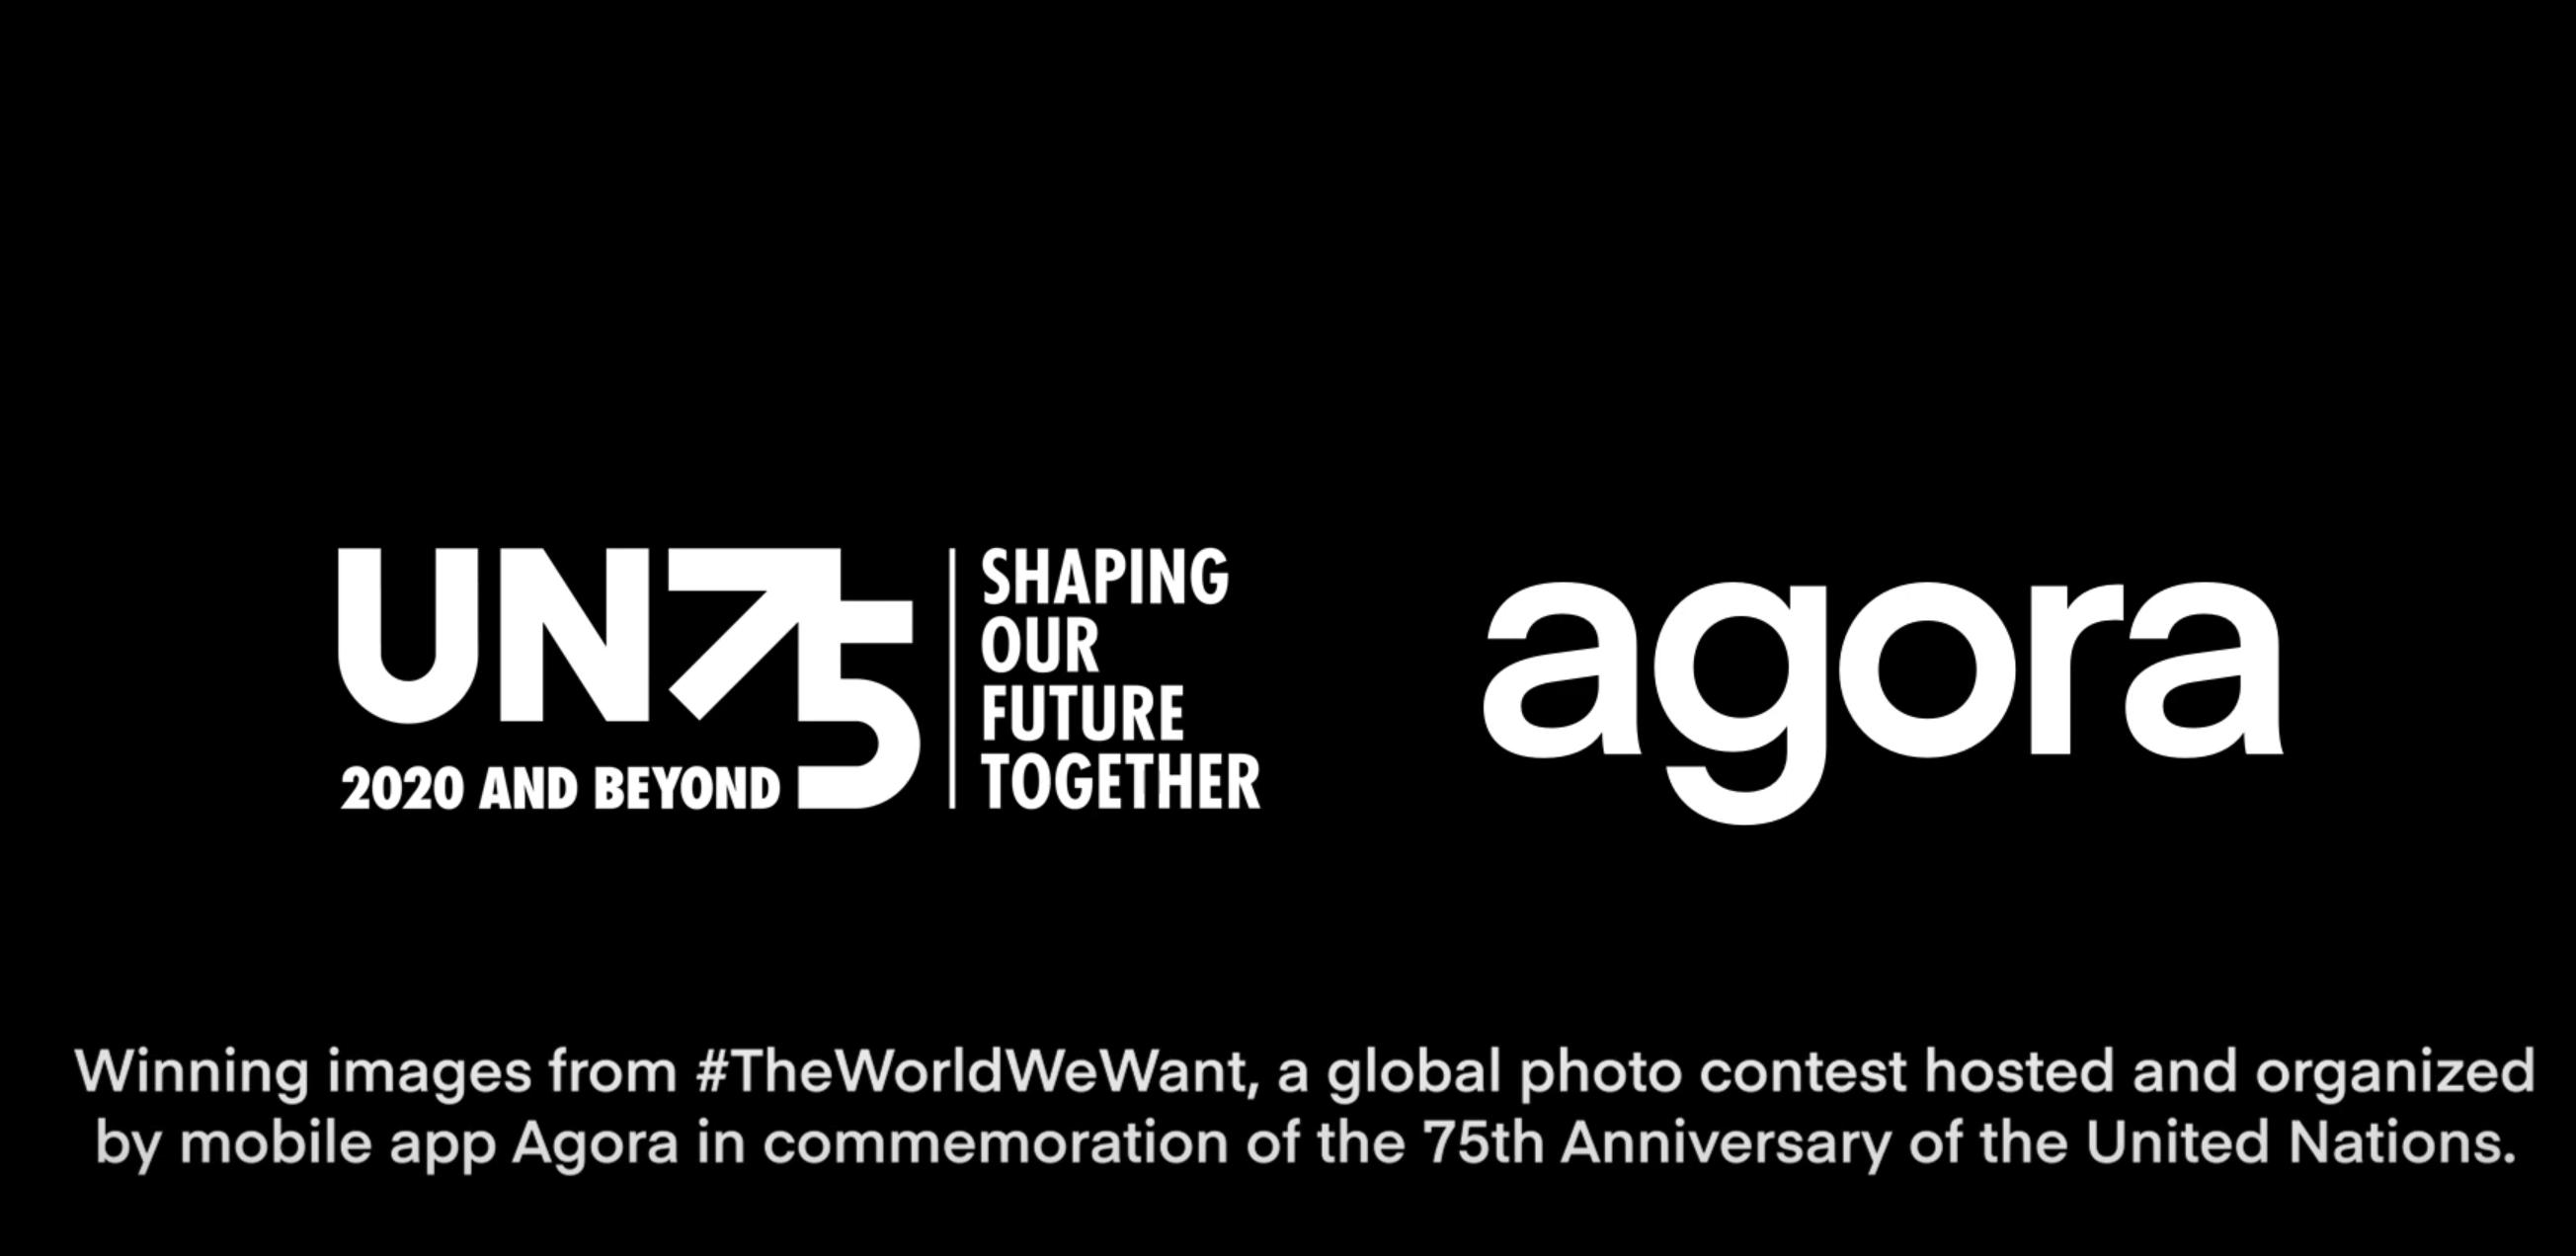 agora-images-theworldwewant-2